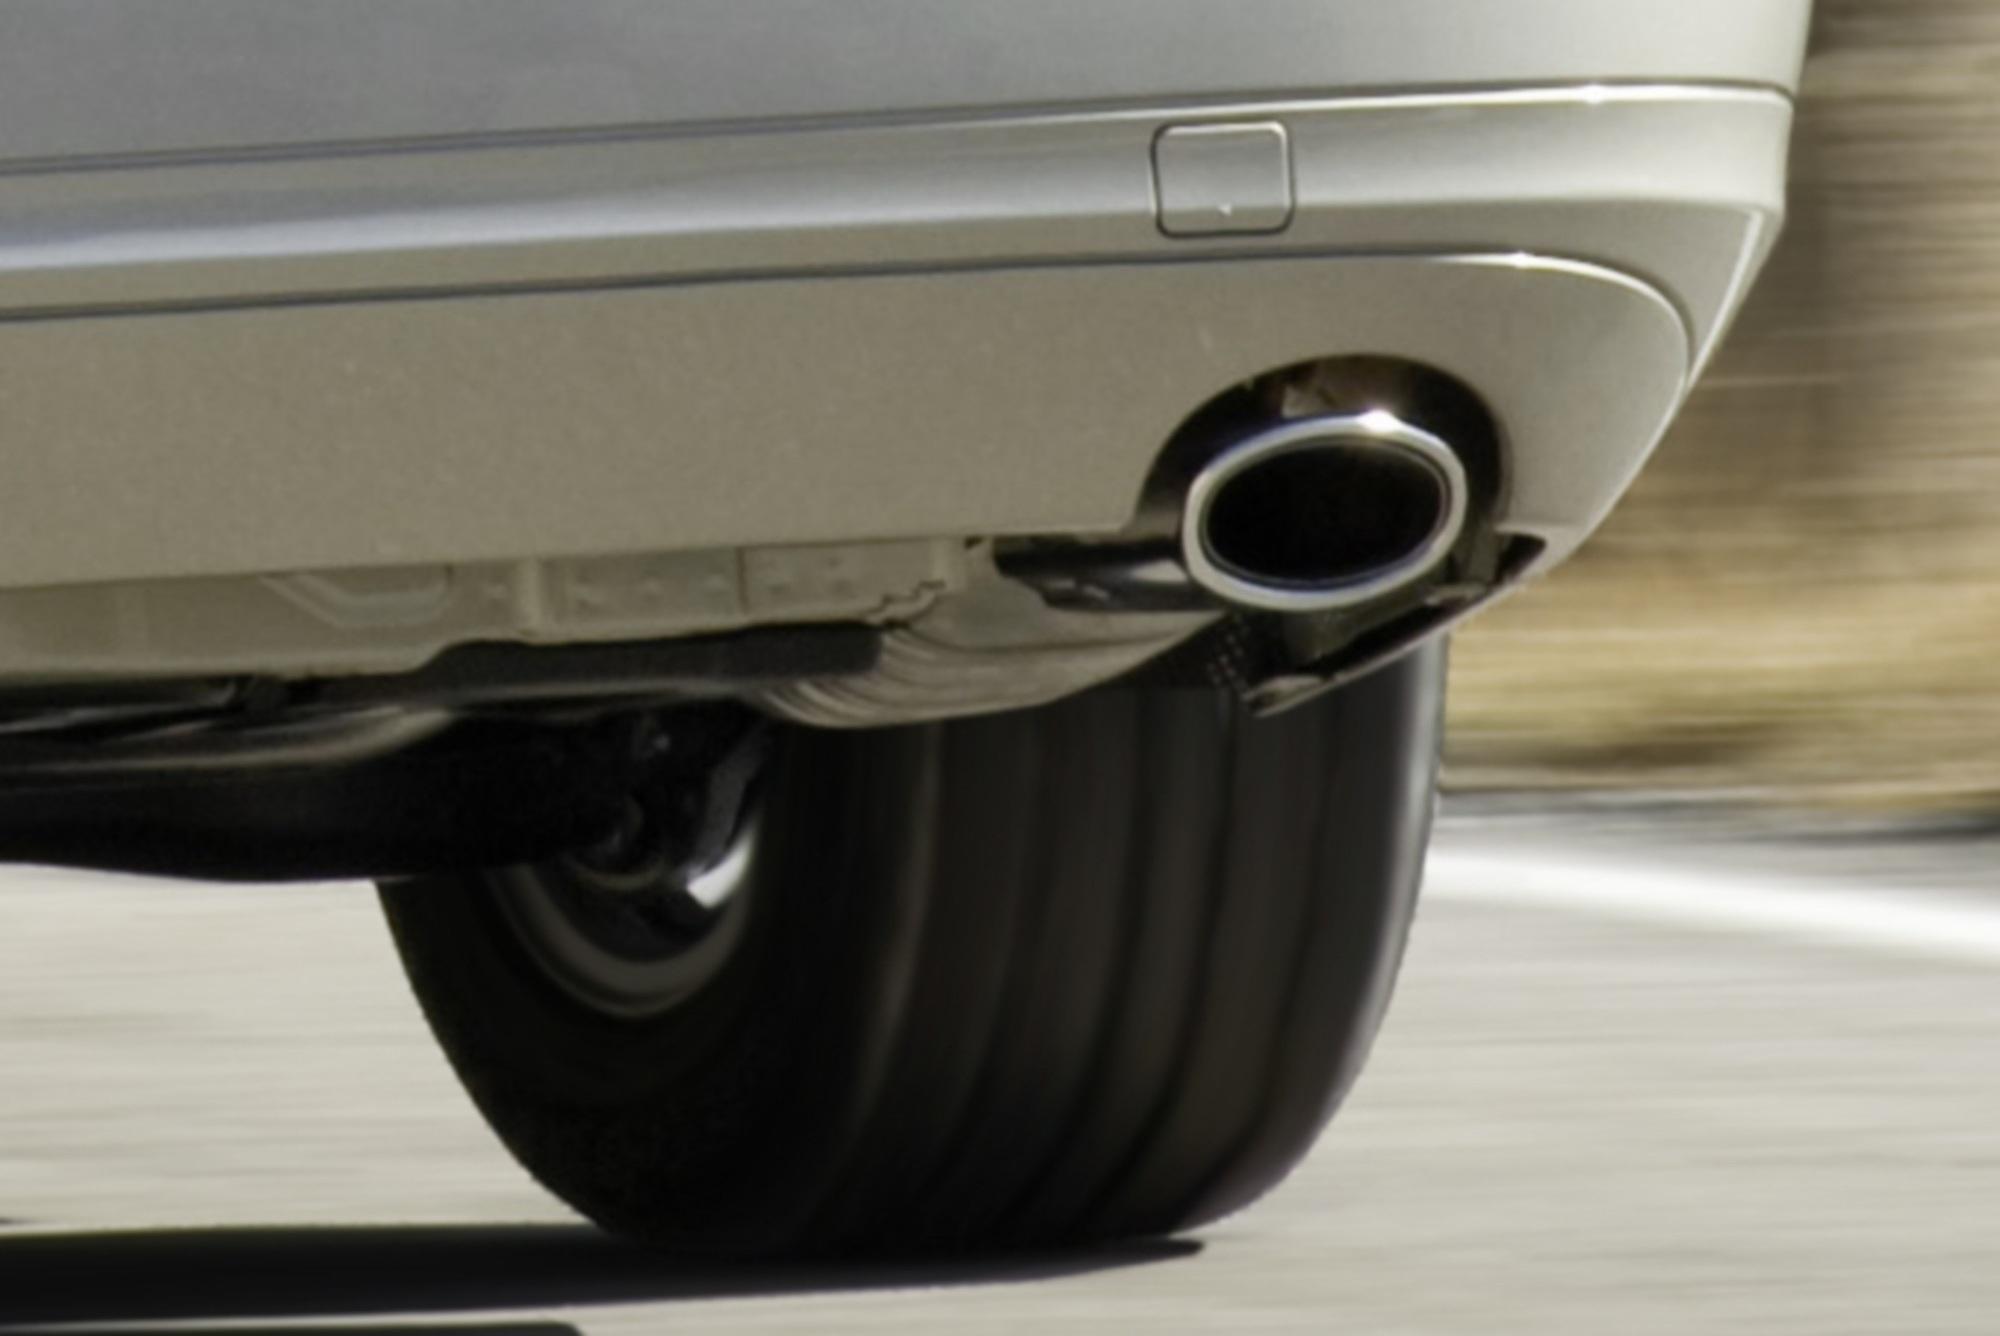 CO2-Bilanz der Autohersteller 2014 - Niedrige Spritpreise bremsen sparsame Autos aus